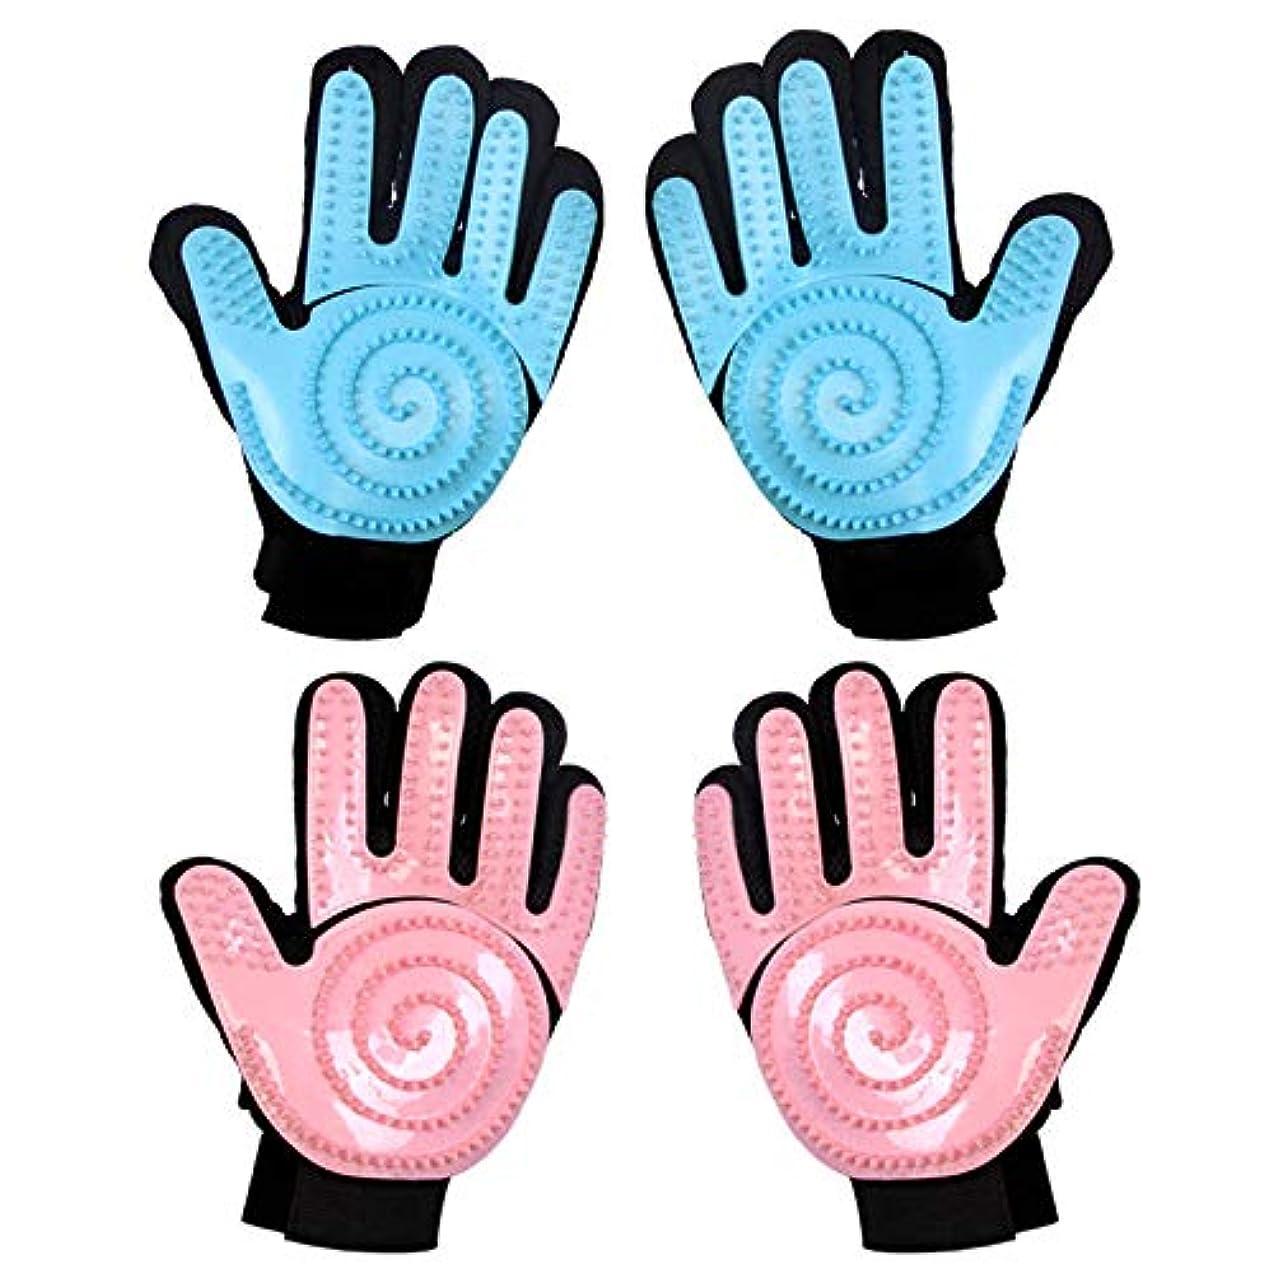 BTXXYJP 手袋 ペット ブラシ グローブ 猫 ブラシ クリーナー 抜け毛取り マッサージブラシ 犬 グローブ ペット毛取りブラシ お手入れ (Color : Pink, Style : Right hand)